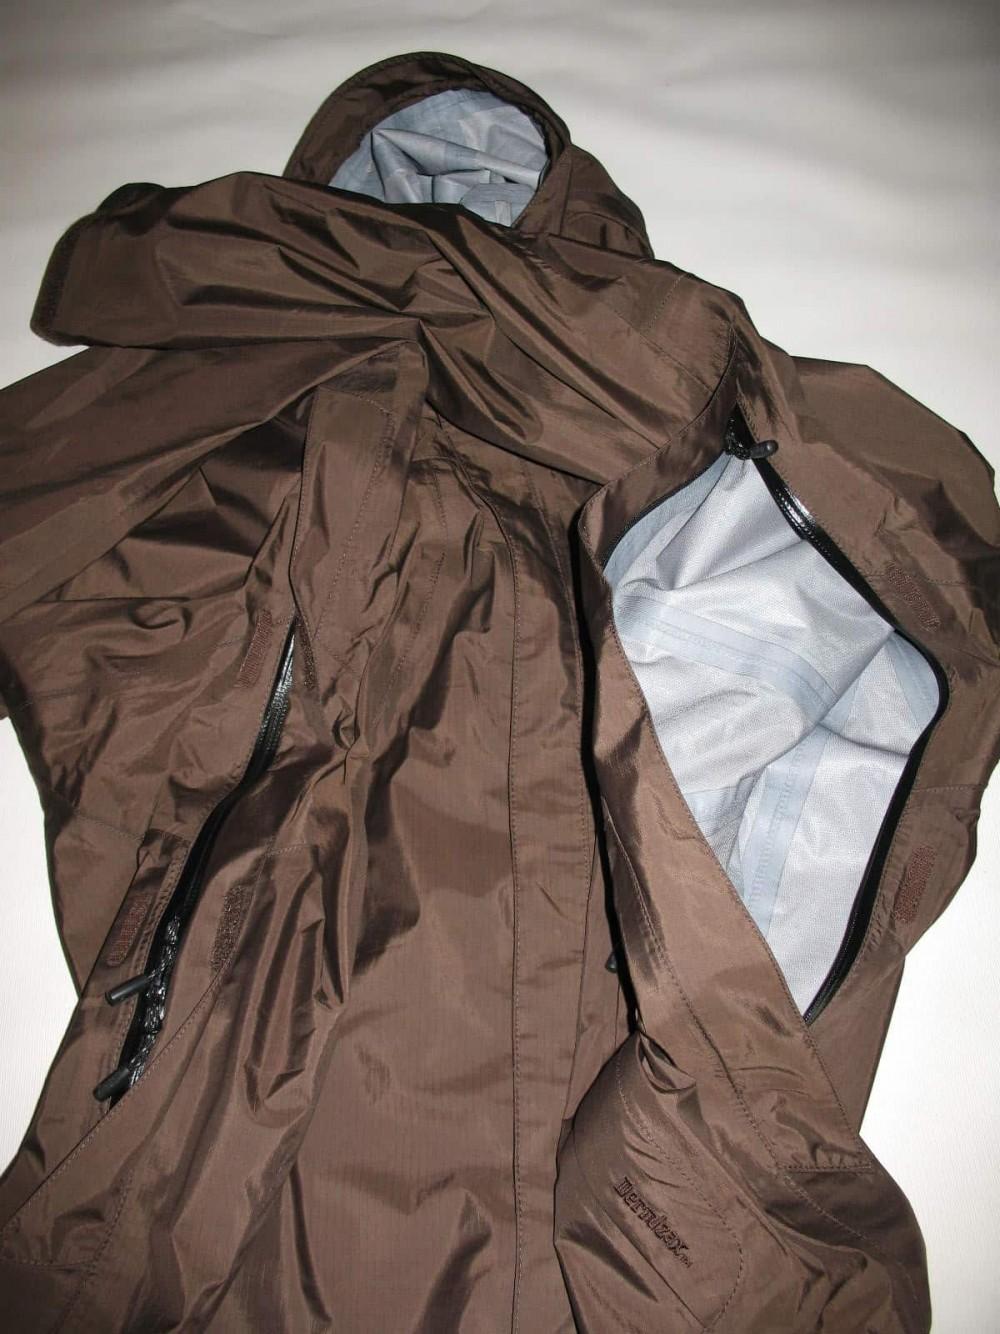 Куртка BERGANS super lett jacket (размер XL) - 4